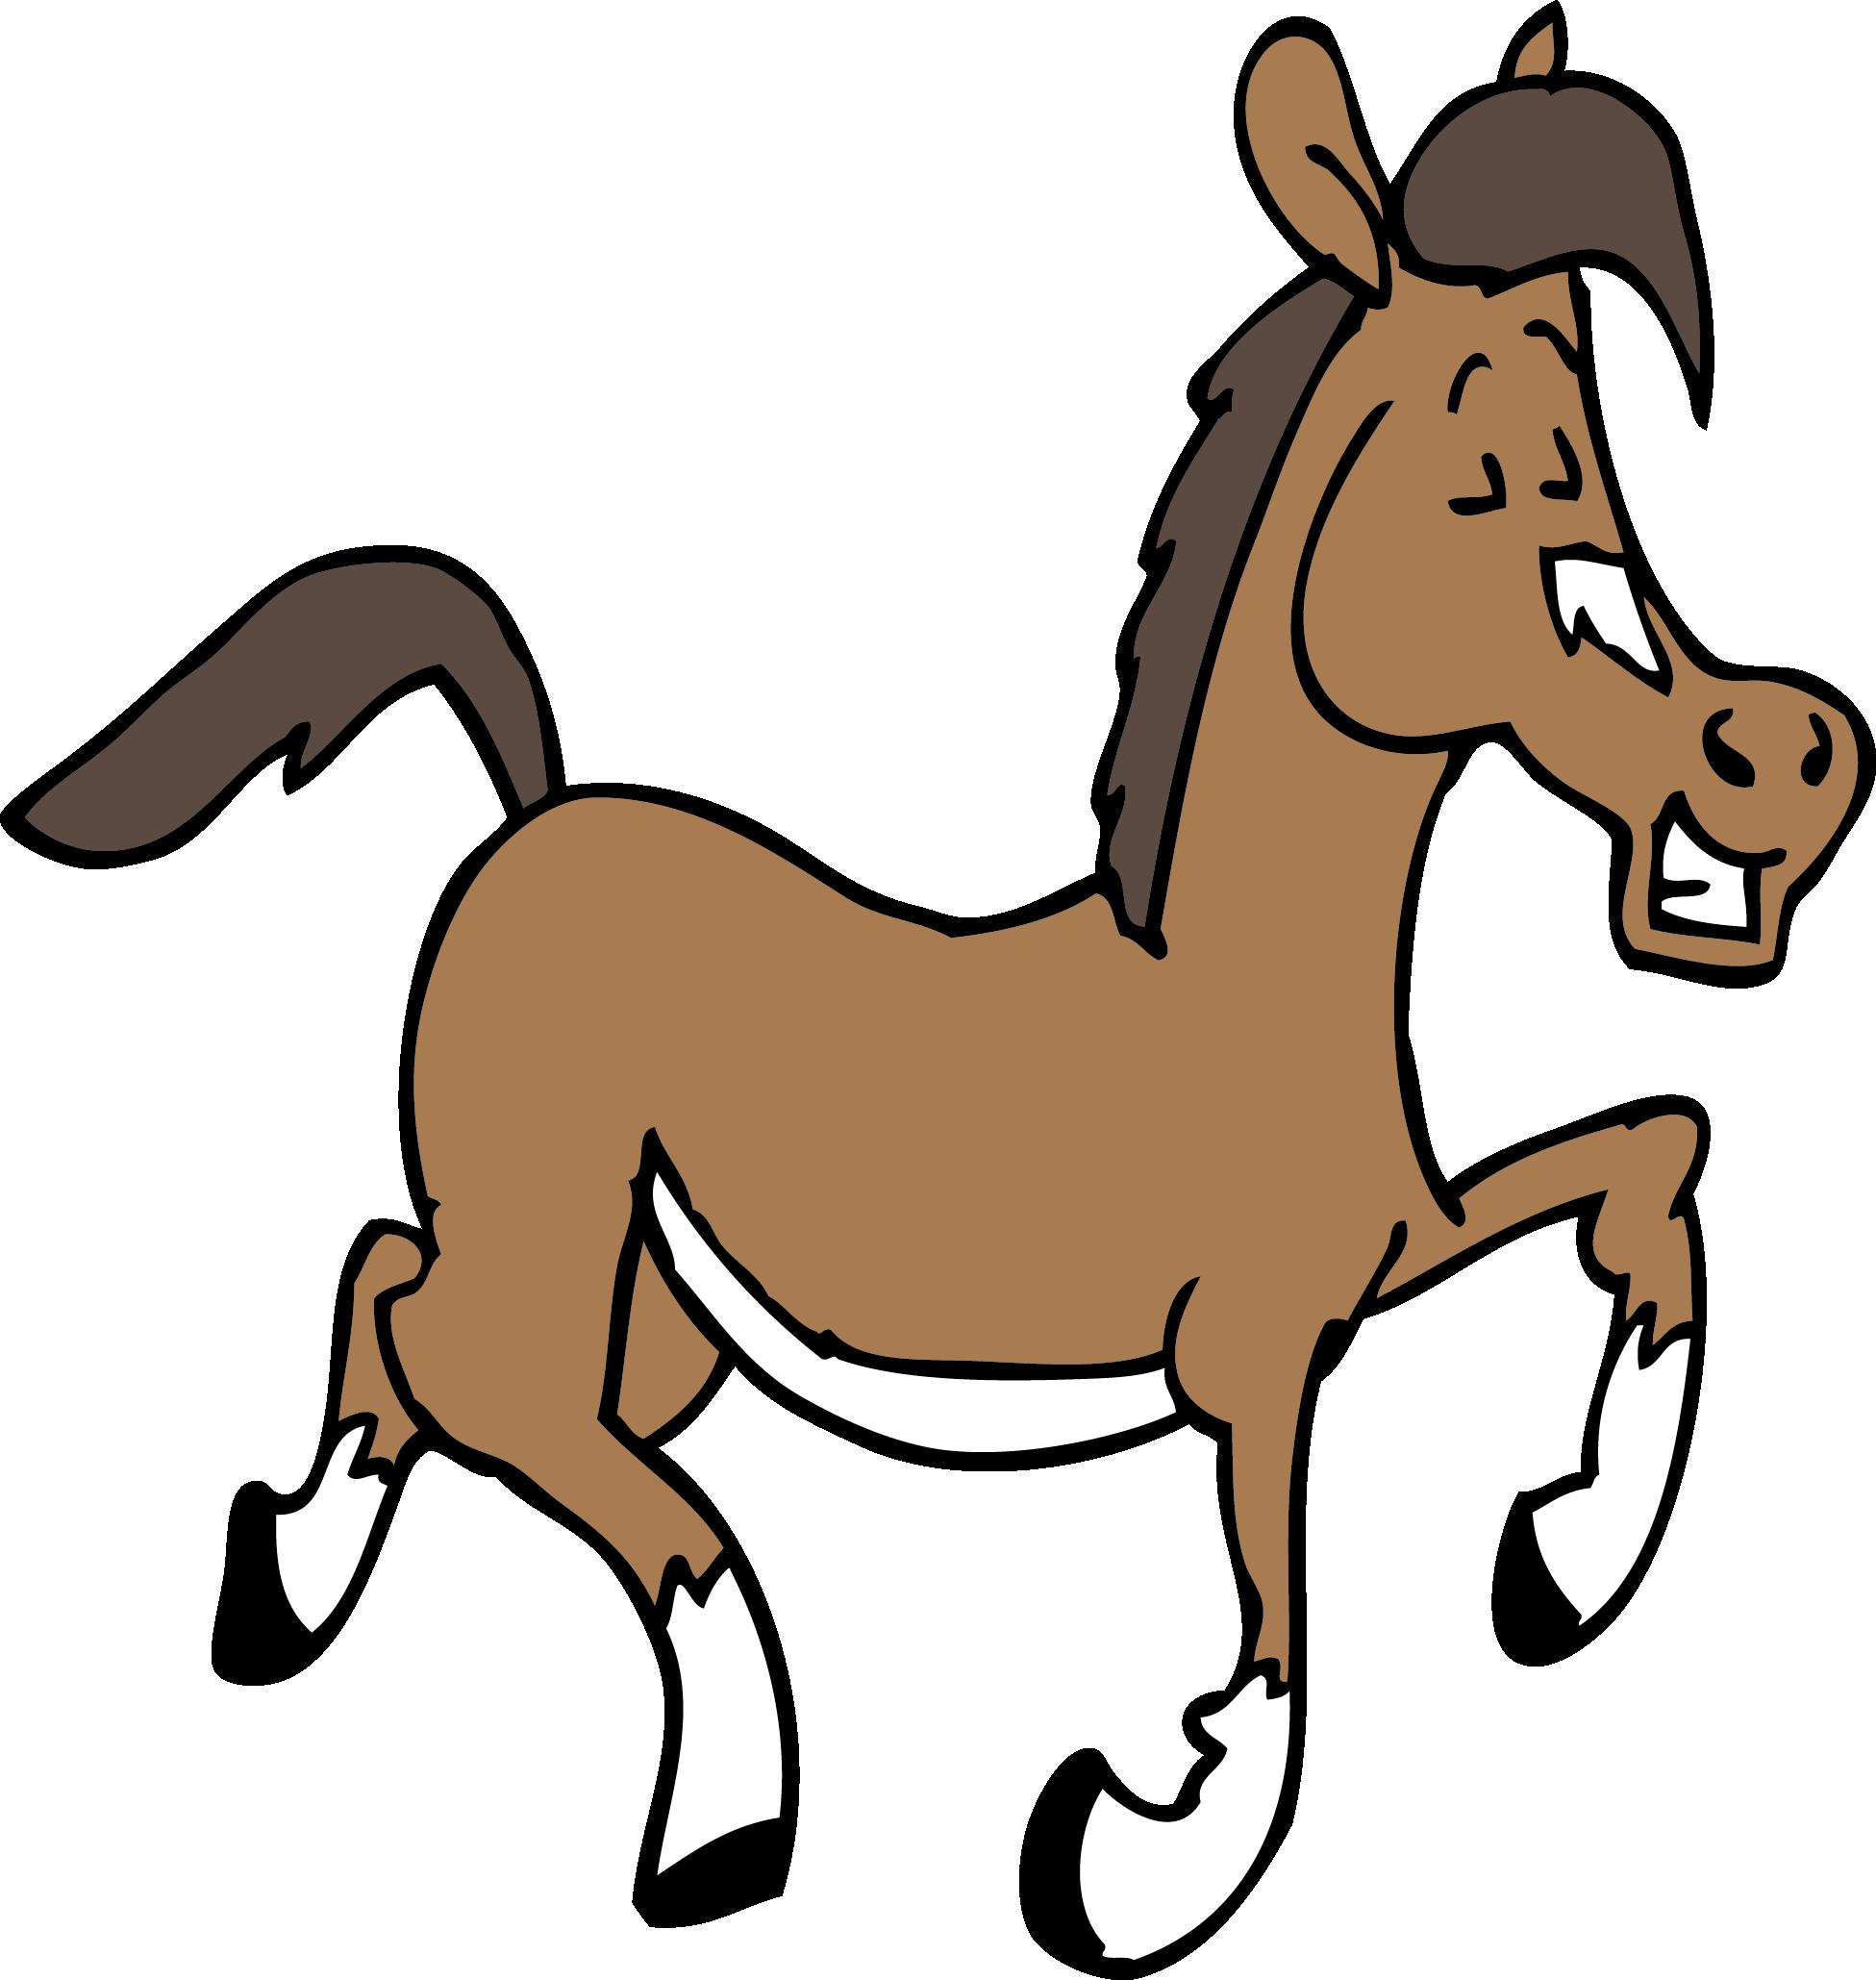 quarter horse clipart at getdrawings com free for personal use rh getdrawings com horse clip art free images horse clip art free